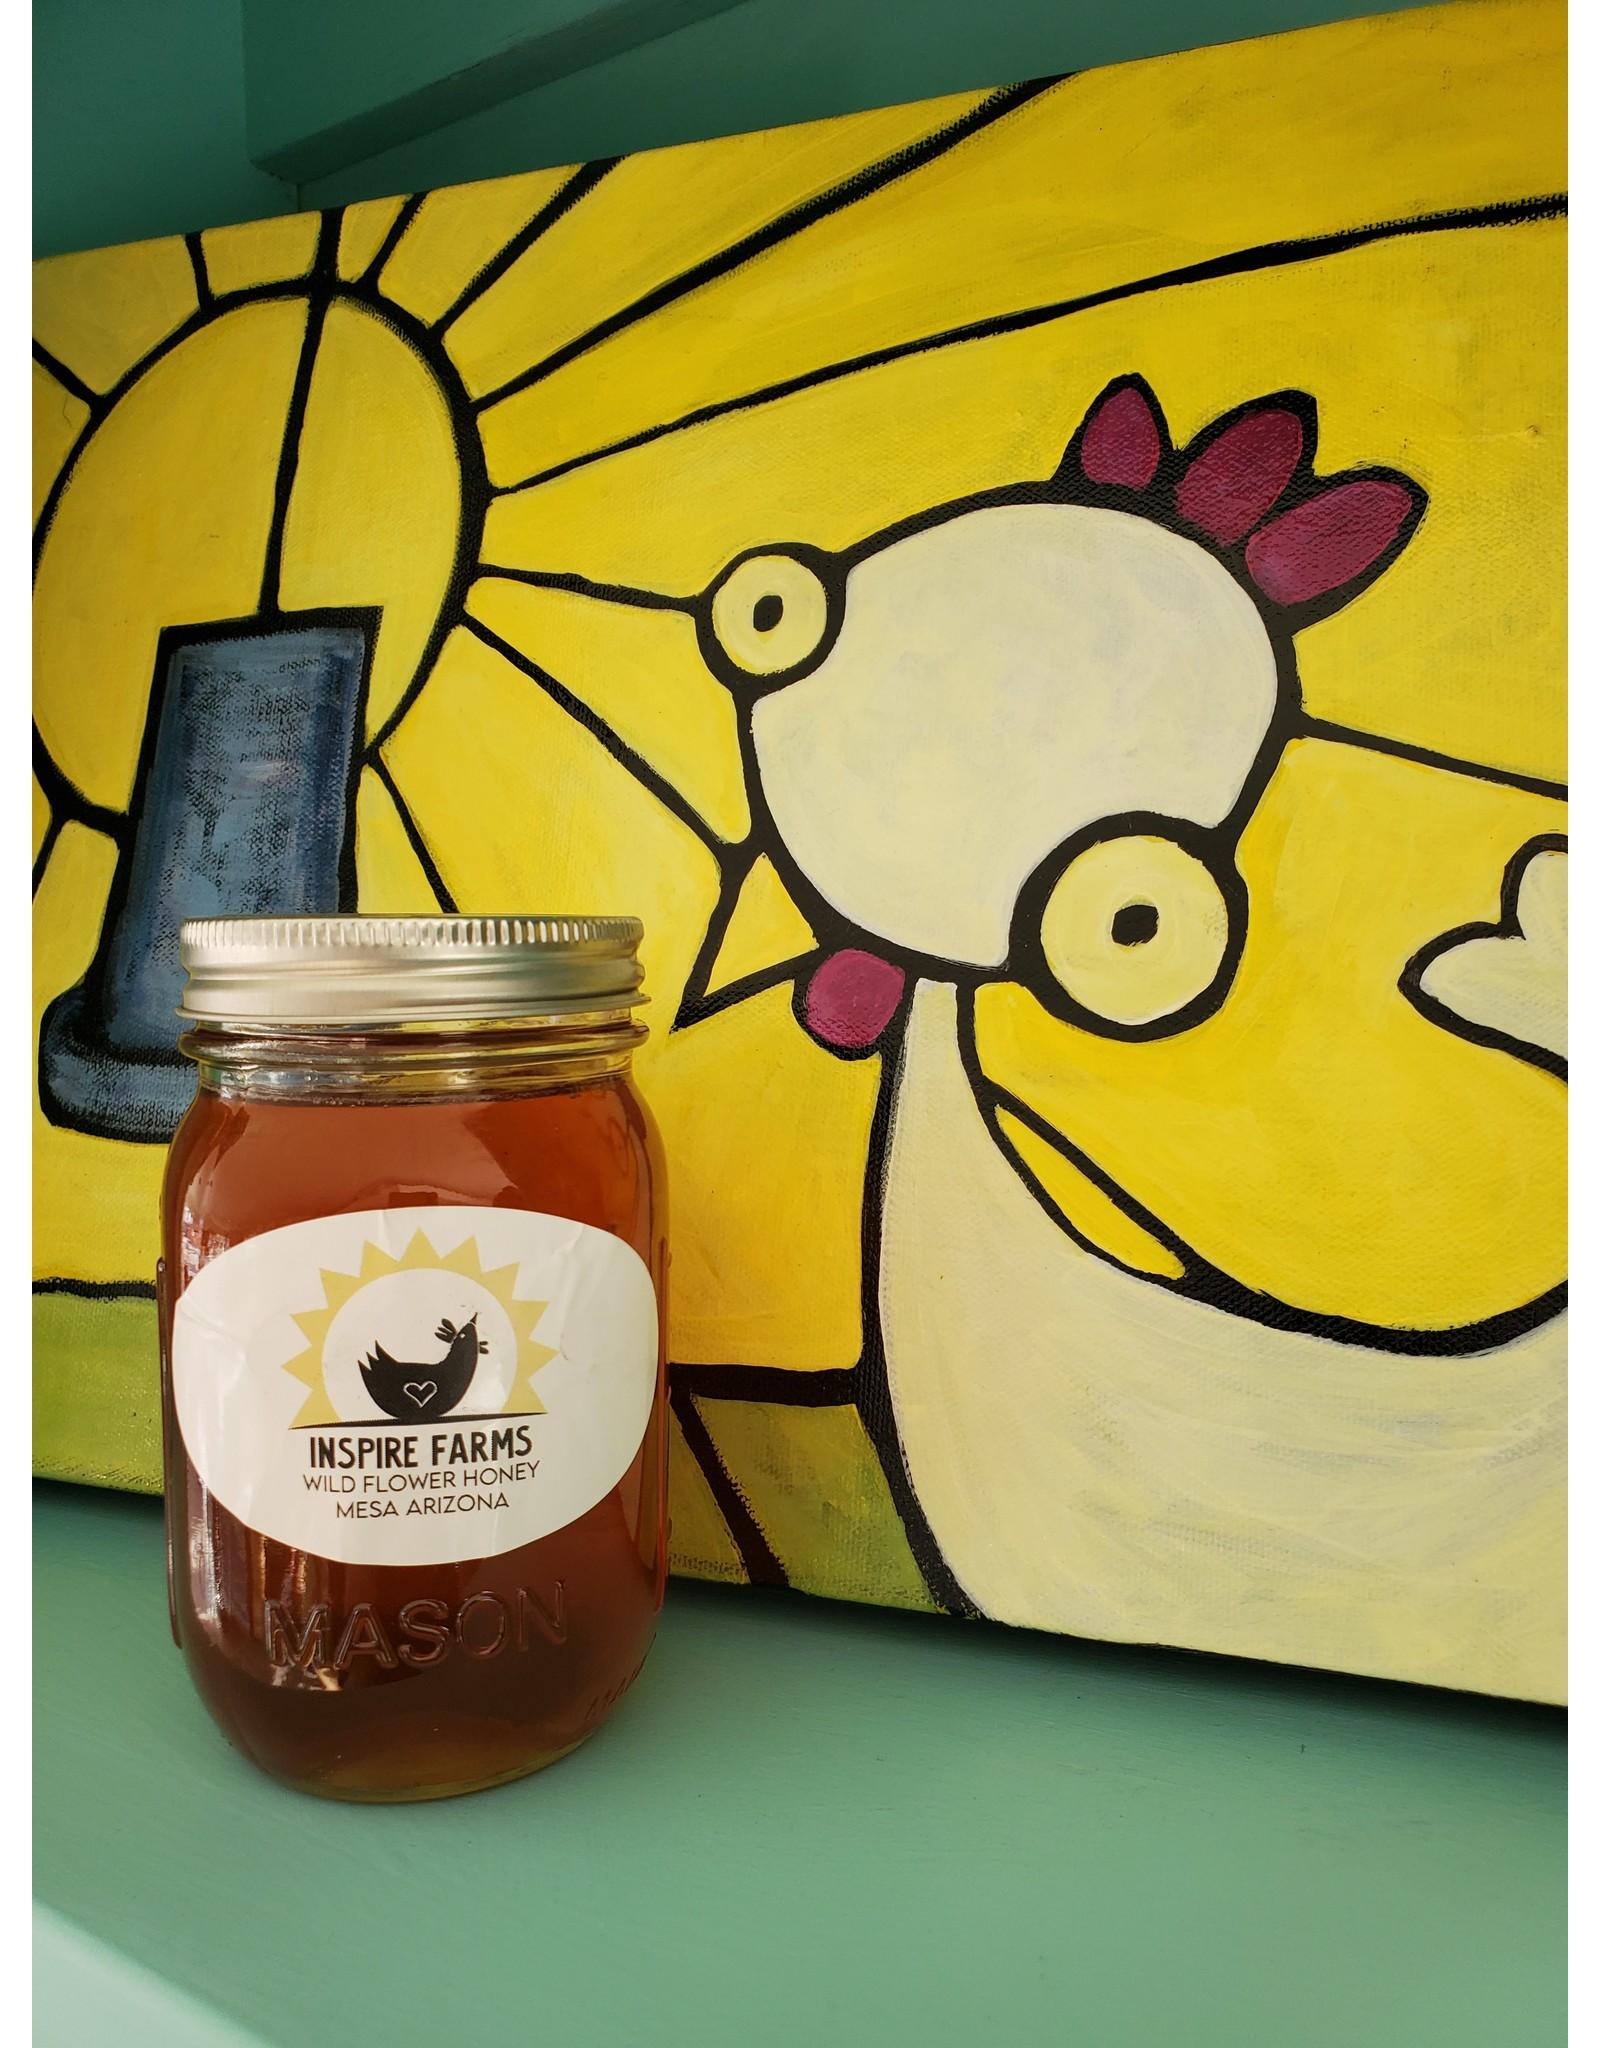 Inspire Farms Inspire Farms Wild Honey